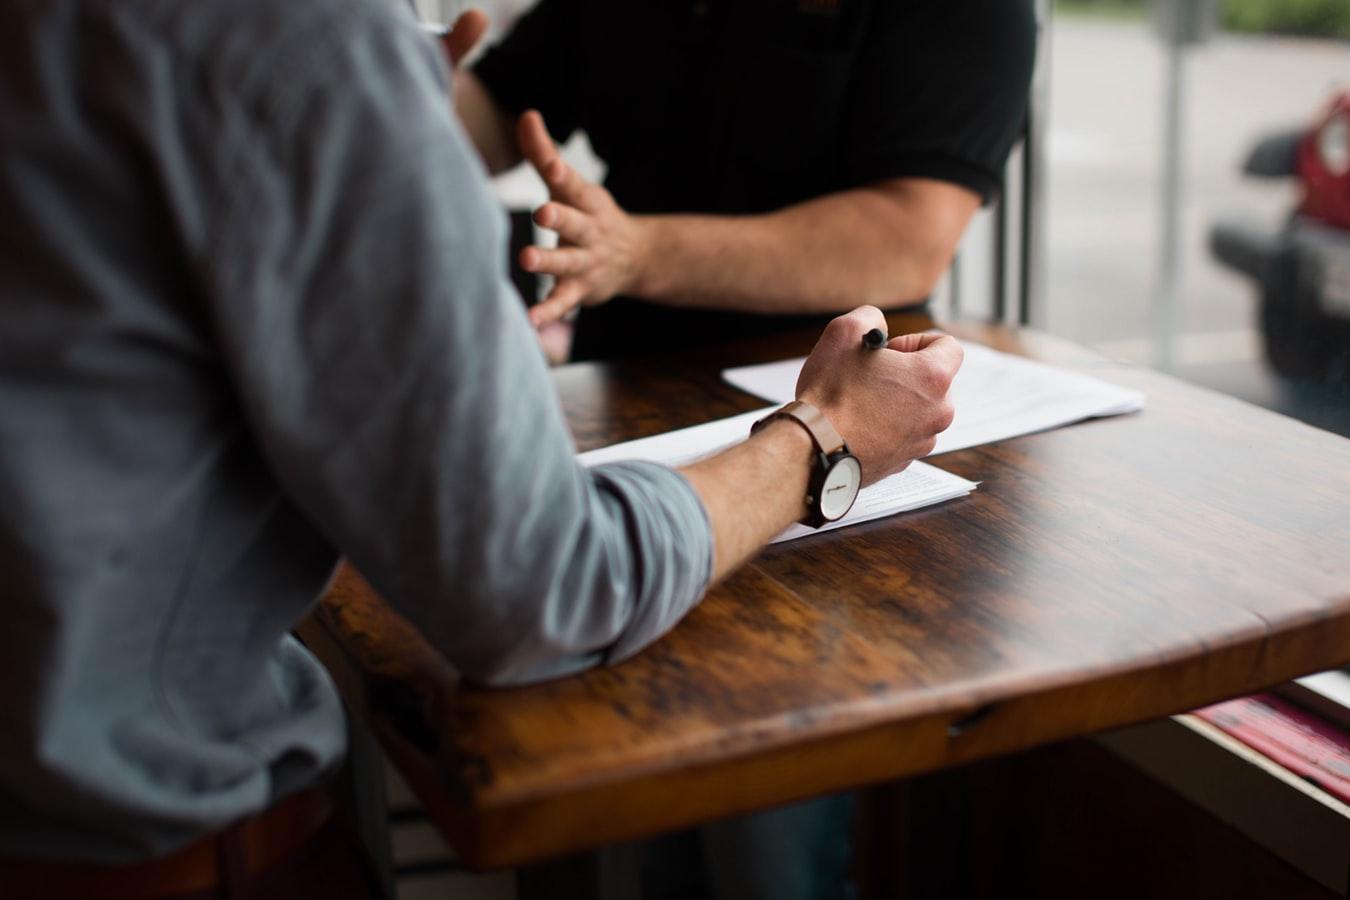 Le rôle des agences de placement dans une pénurie de main-d'œuvre